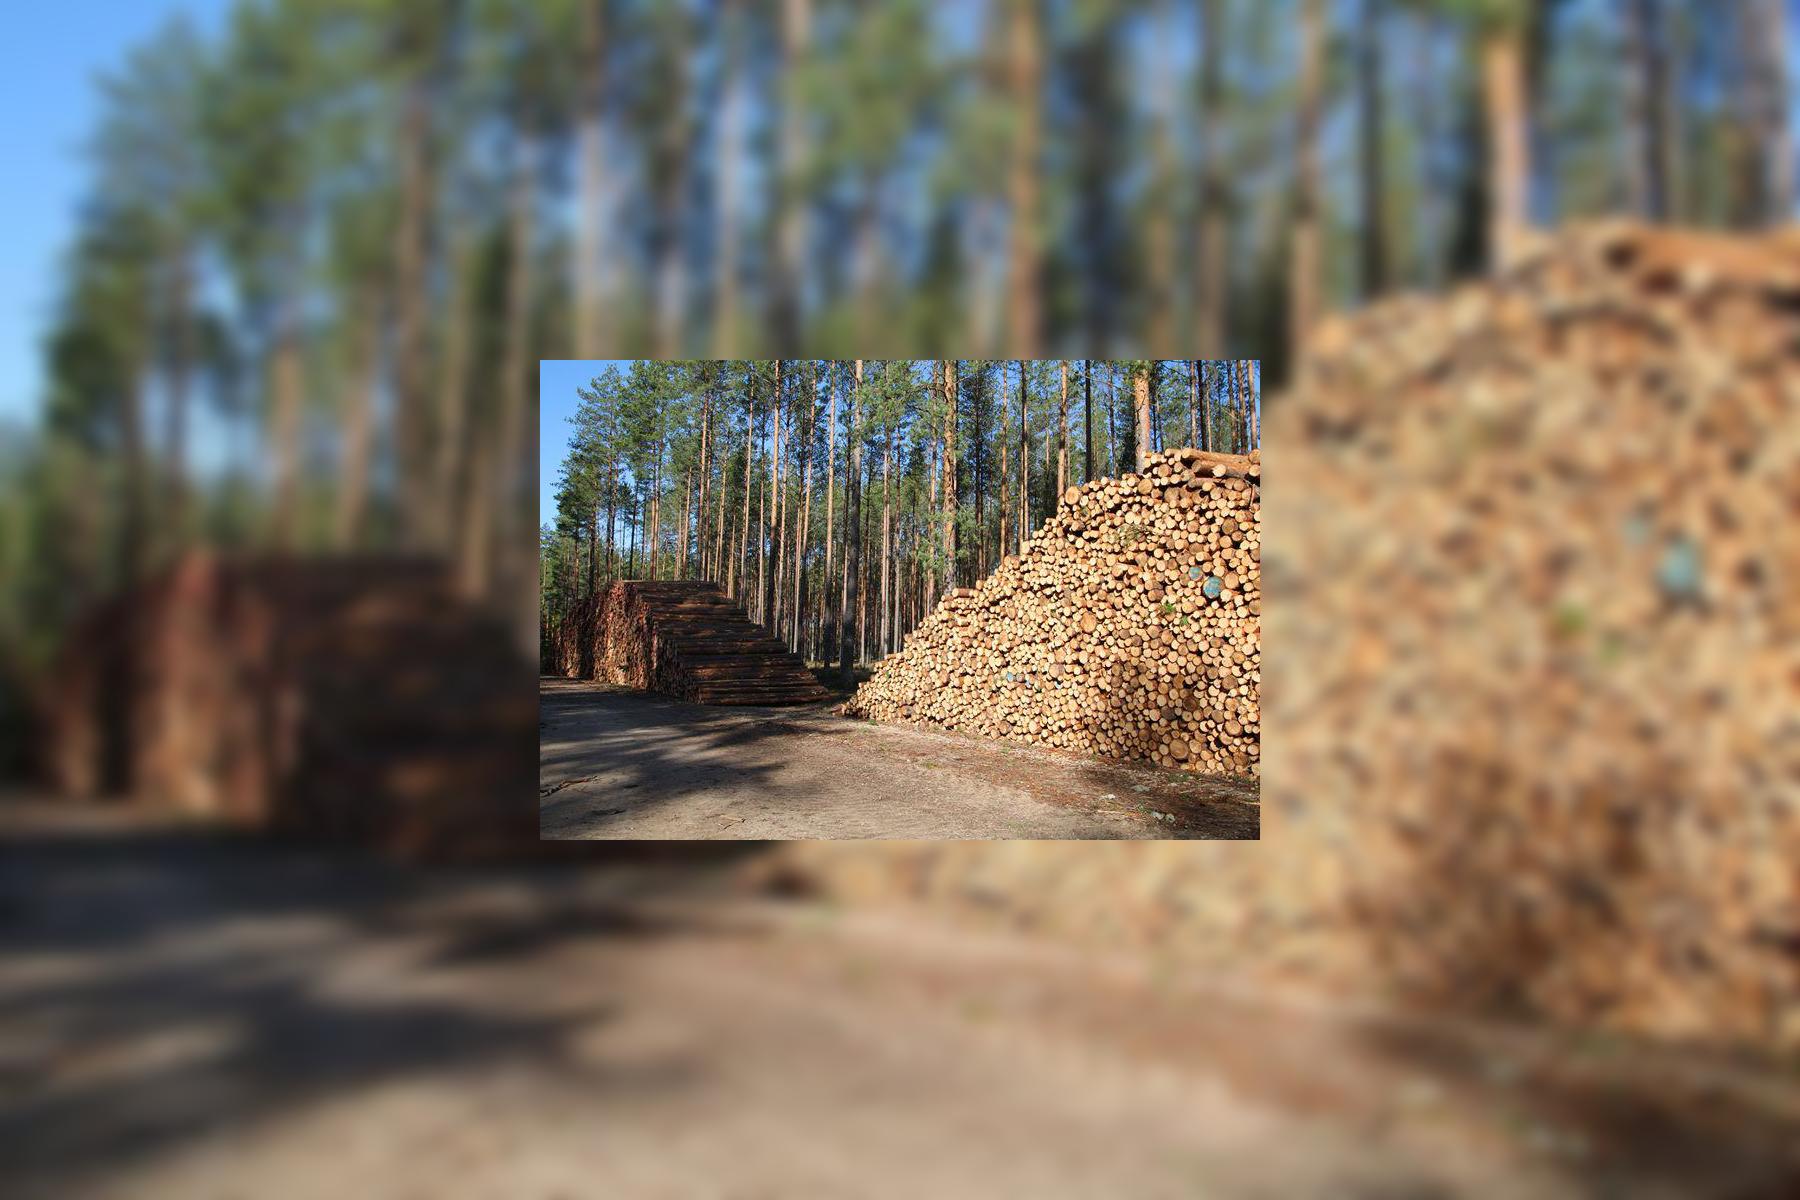 Puiduriit juba toimunud RMK raietest Mustjõe metsise elupaigas